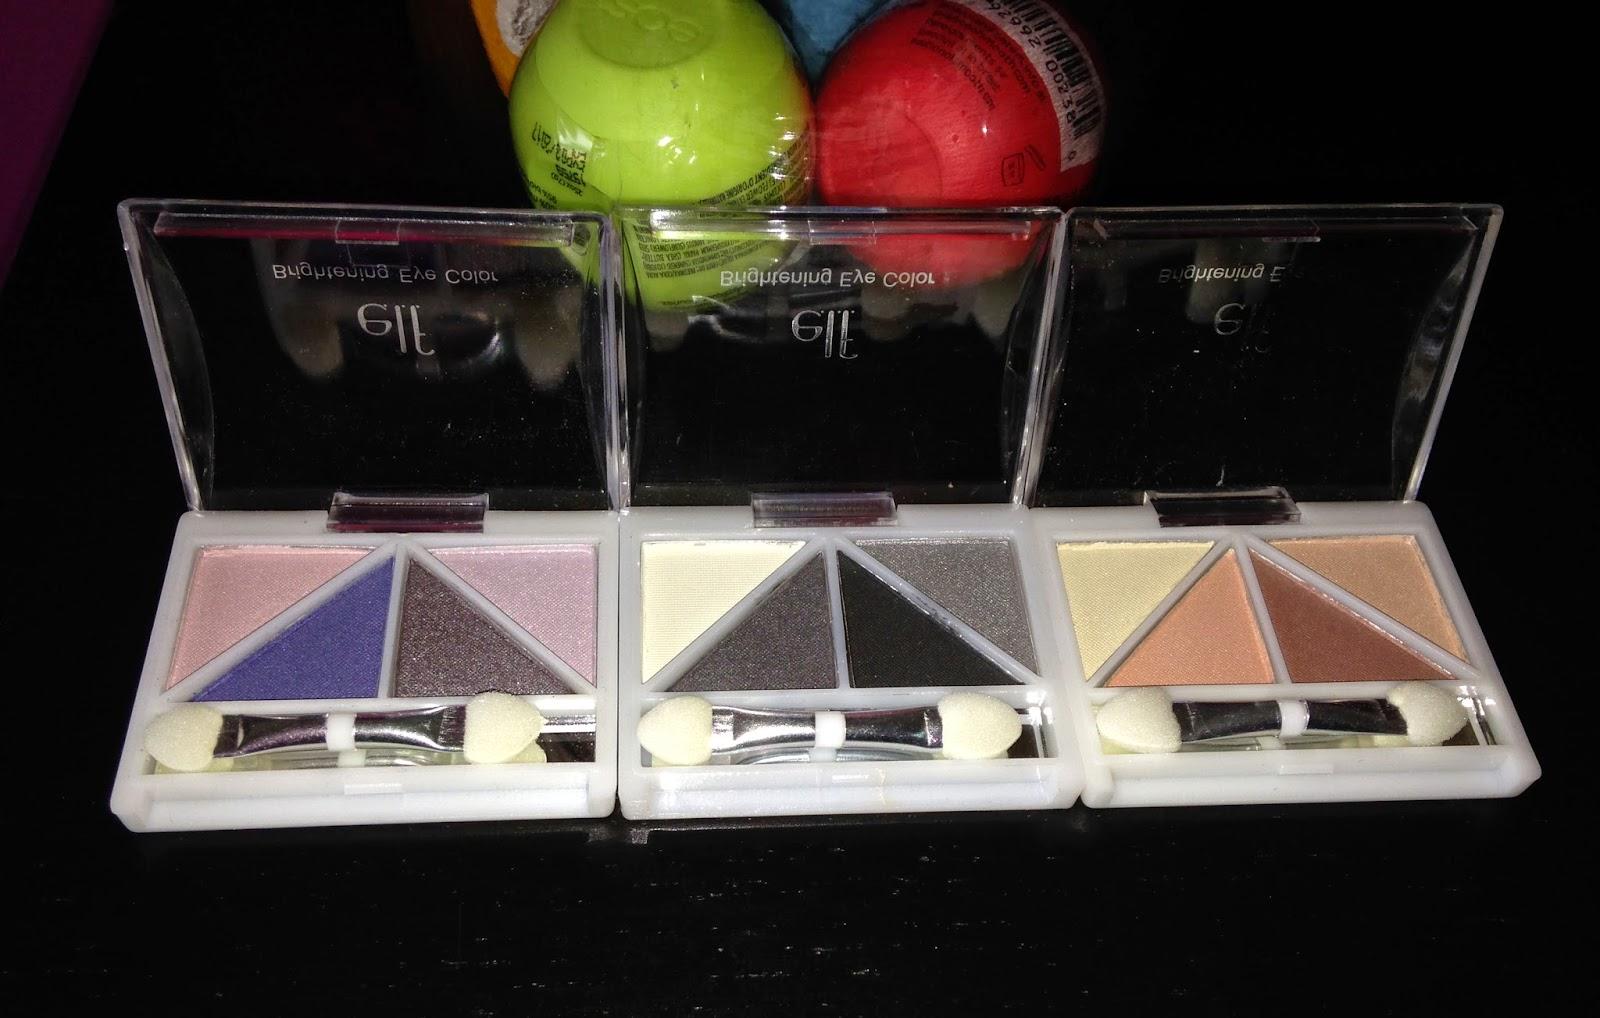 ELF Brightening Eye Colour Palette